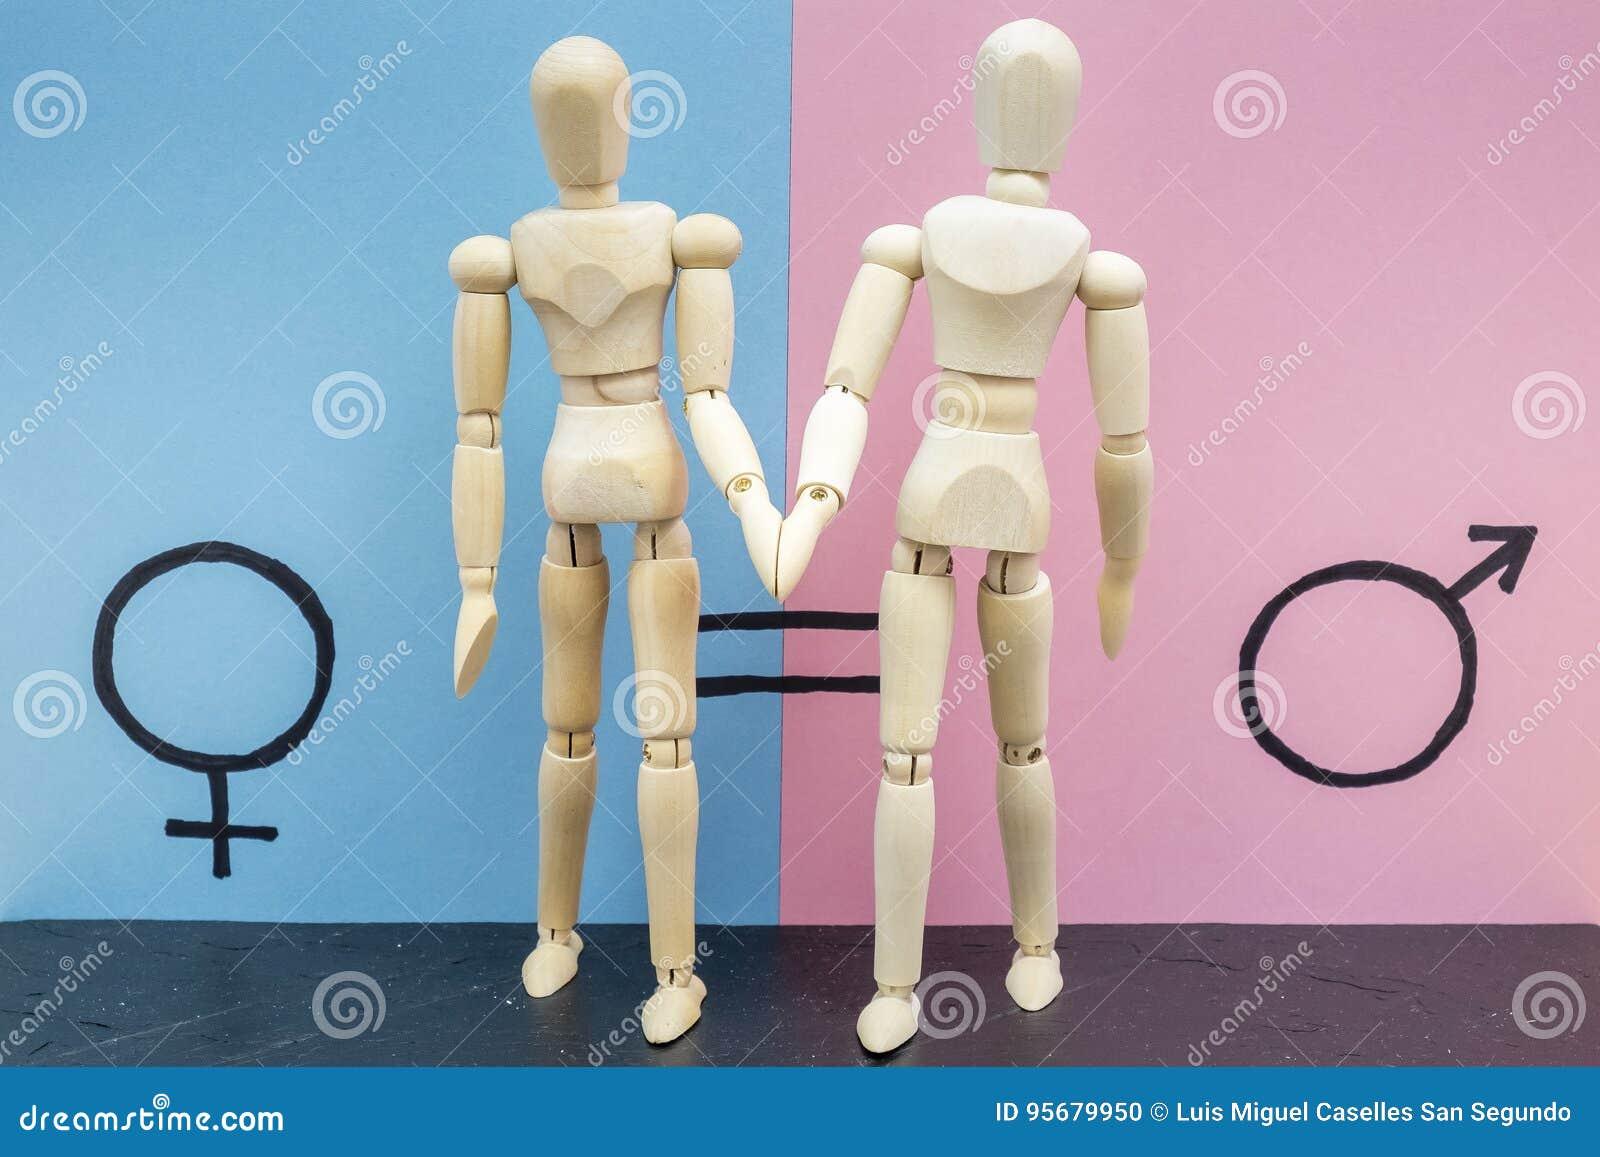 Symbol der Gleichberechtigung der Geschlechter